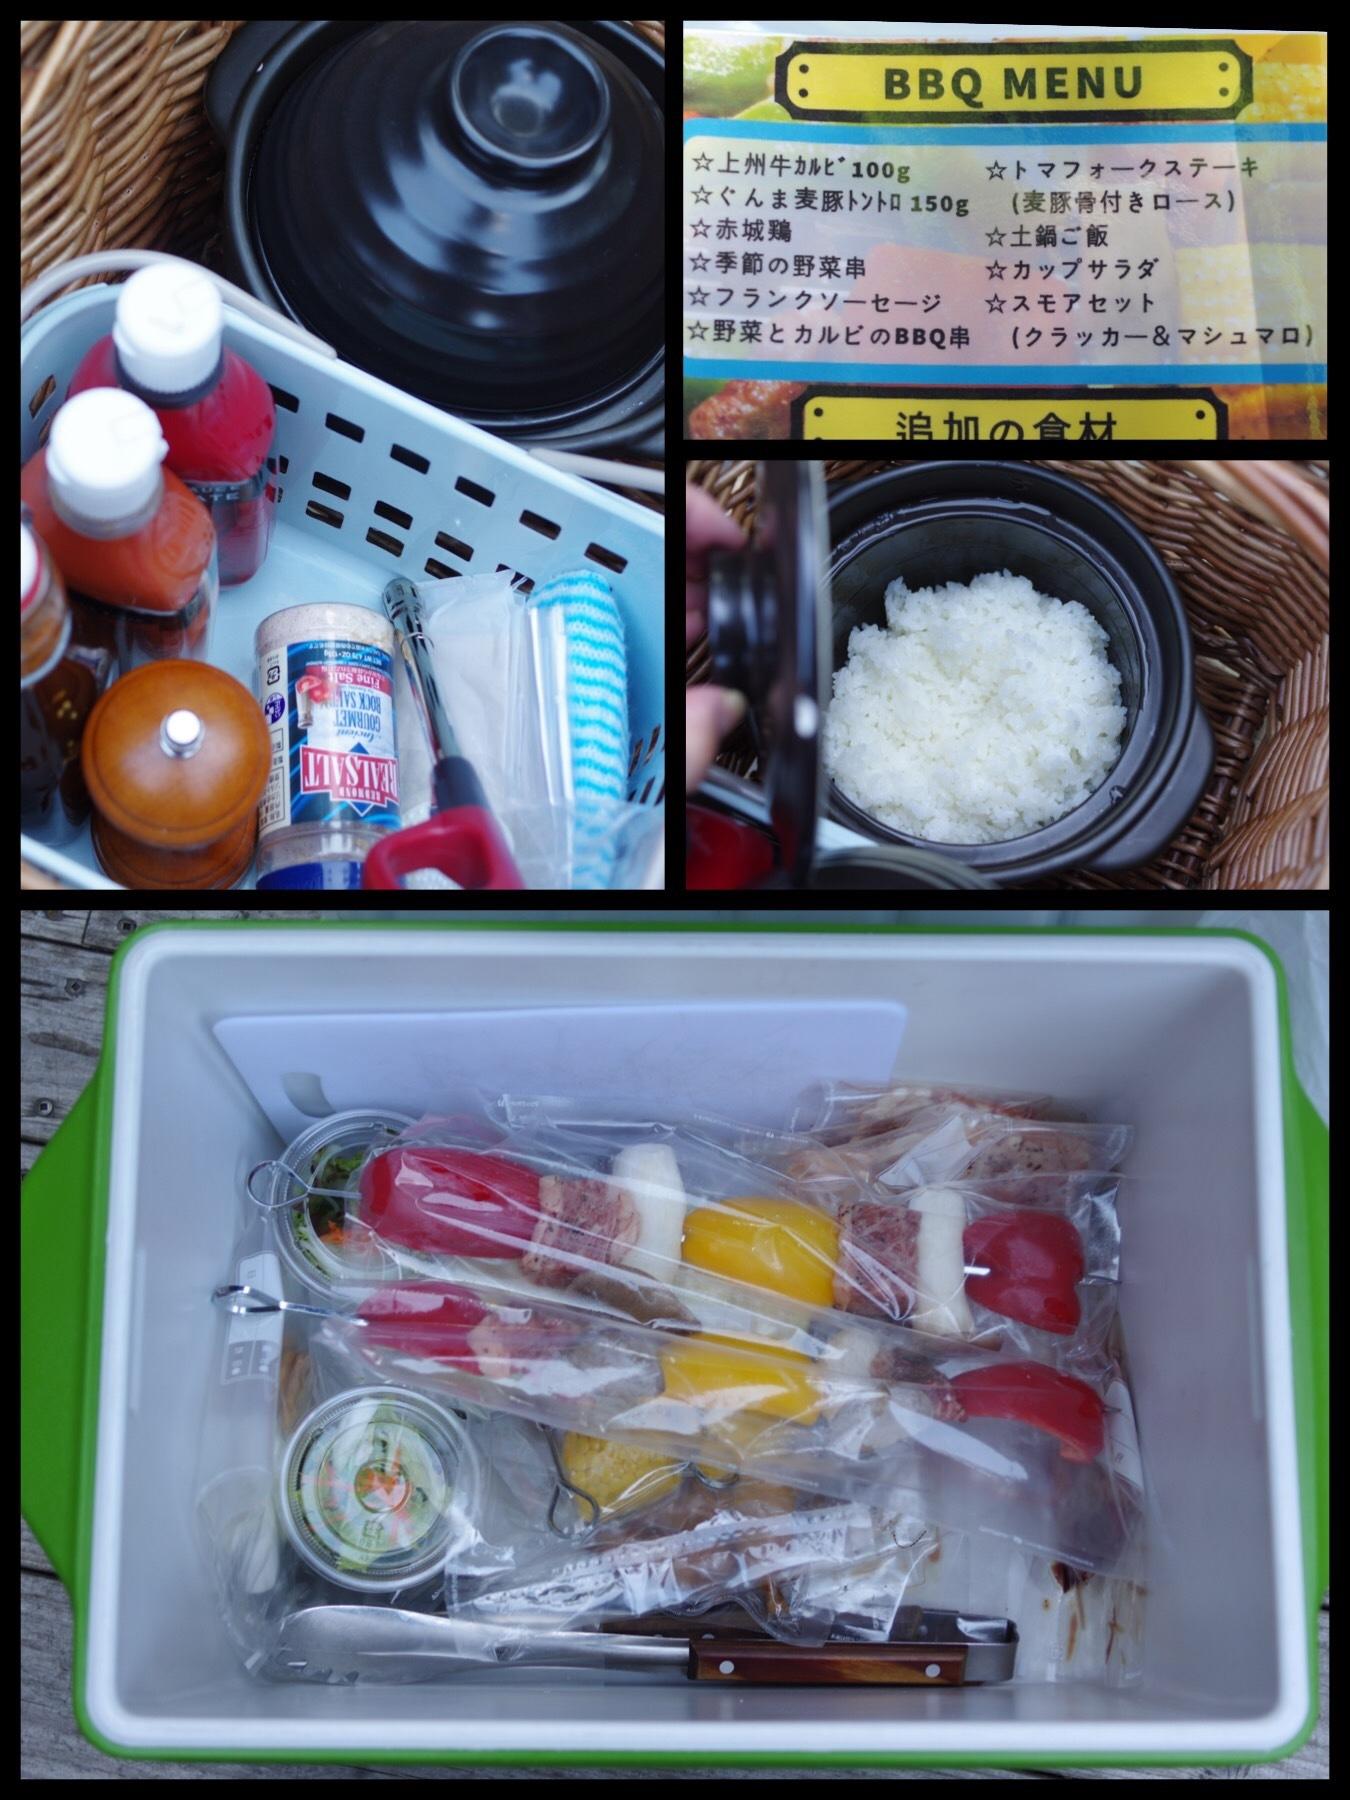 四万温泉 Shima blue 宿泊記 シマブルー グランピング アップルオレンジ